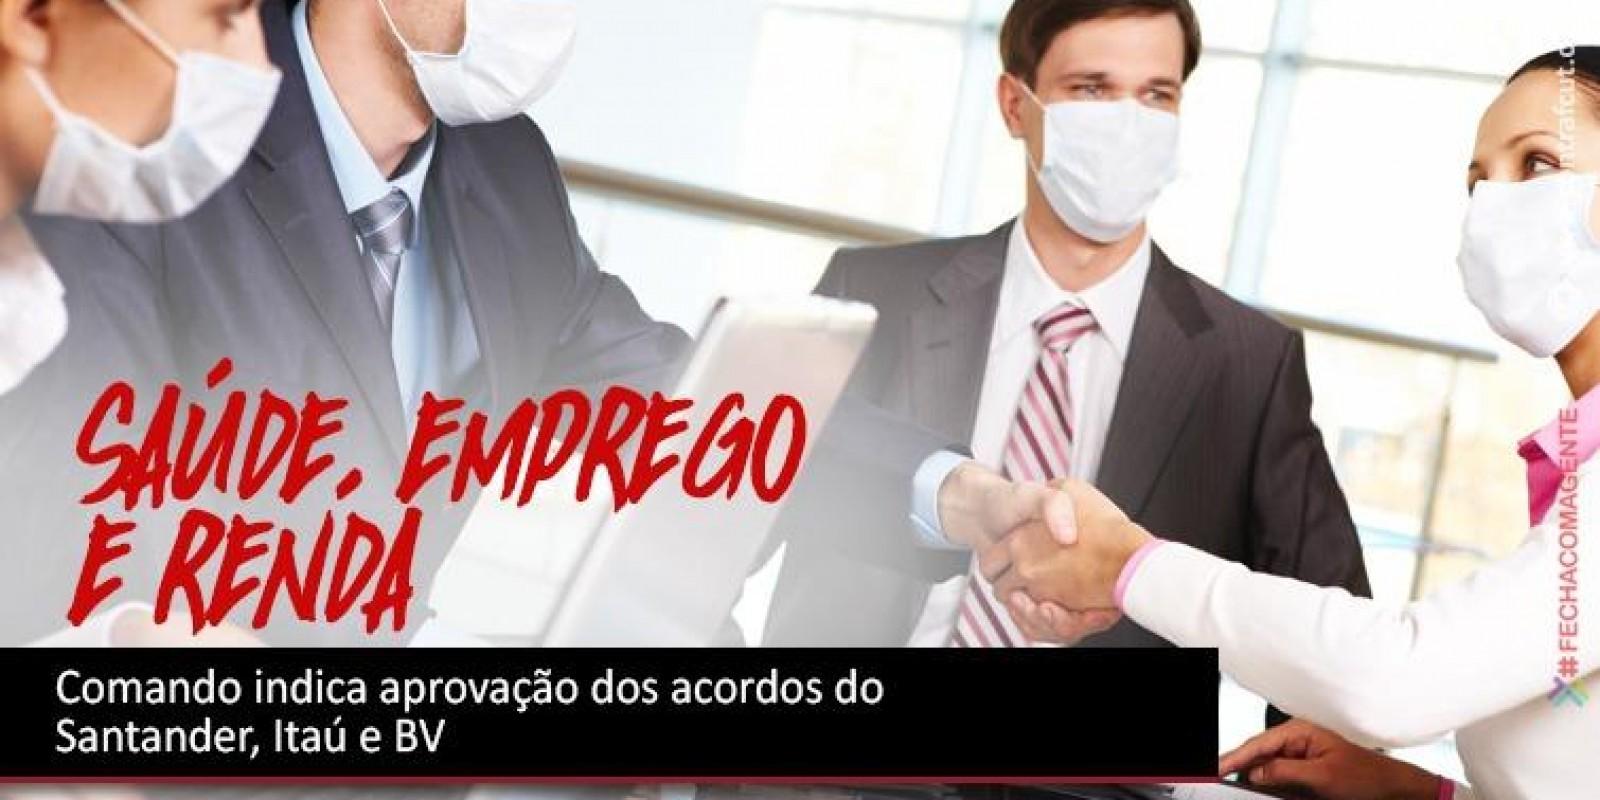 Comando indica aprovação dos acordos do Santander, Itaú e BV